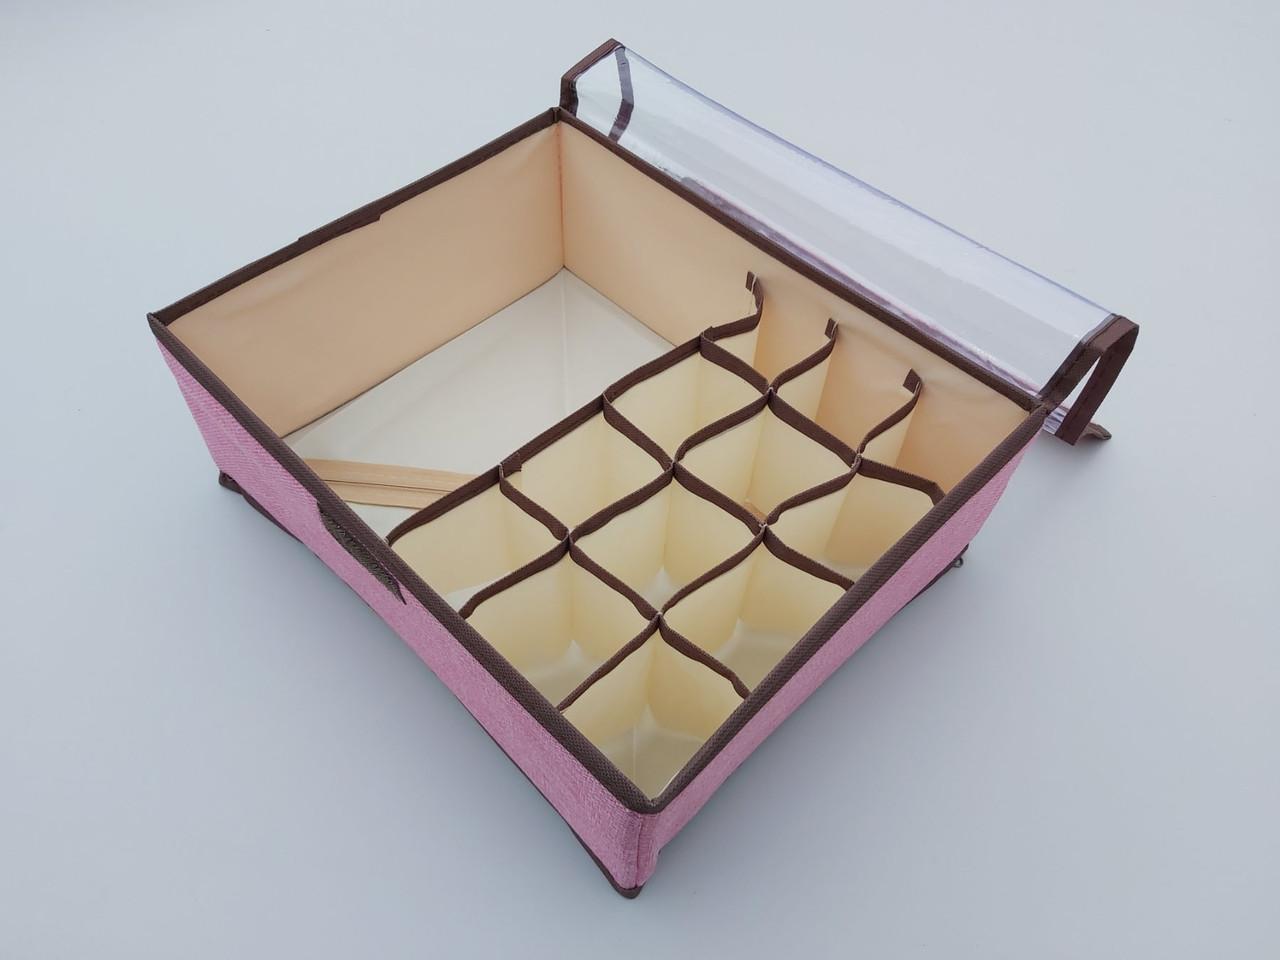 Органайзер з кришкою 33*26*12 см, на 13 відділень для зберігання дрібних предметів одягу рожевого кольору